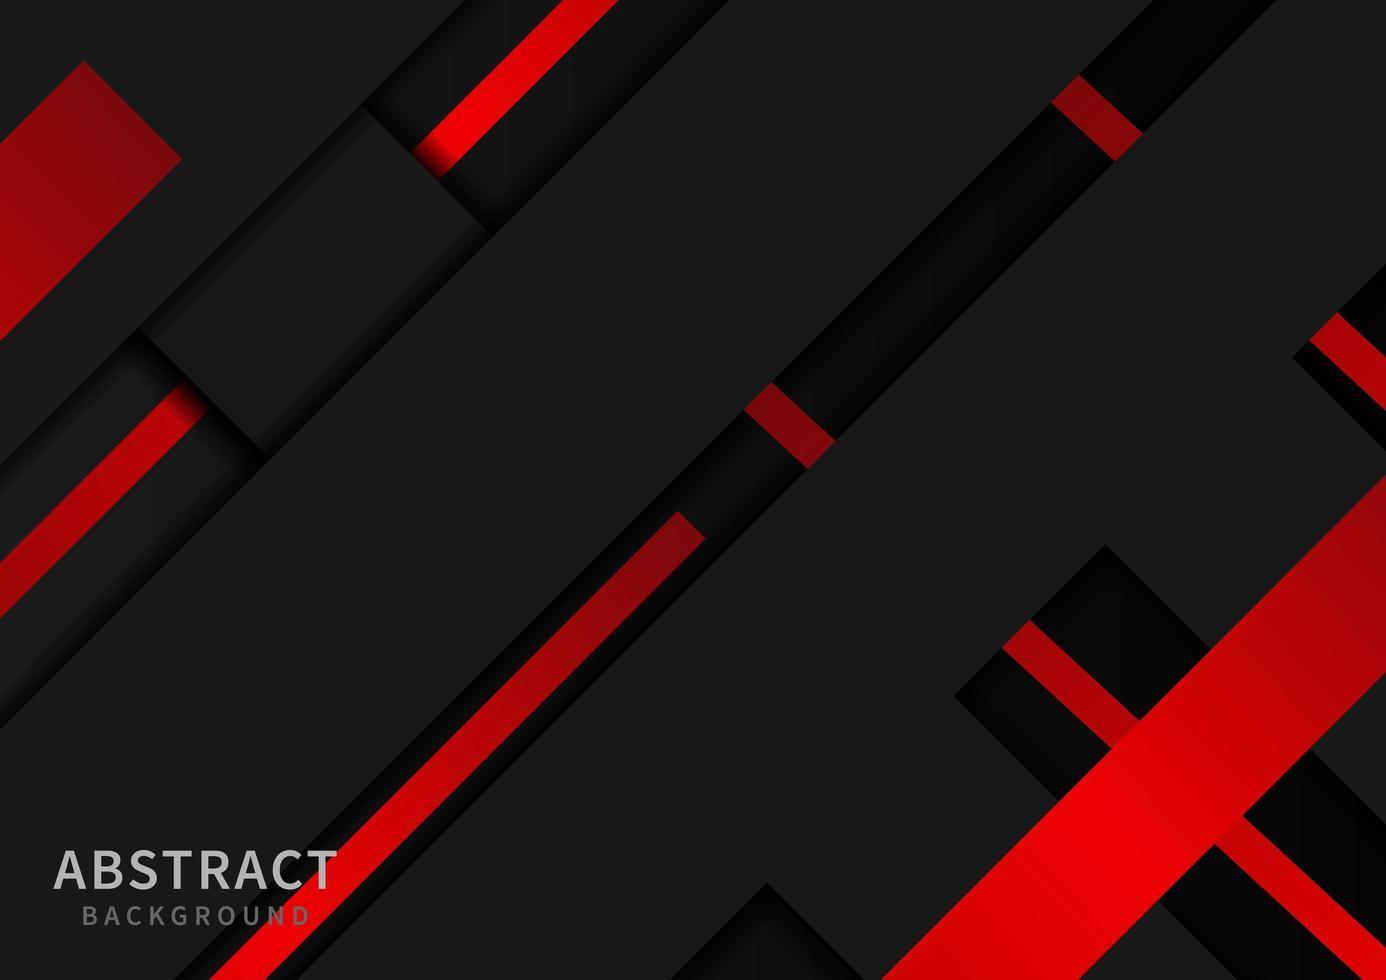 disegno astratto con forme diagonali rosse e nere vettore